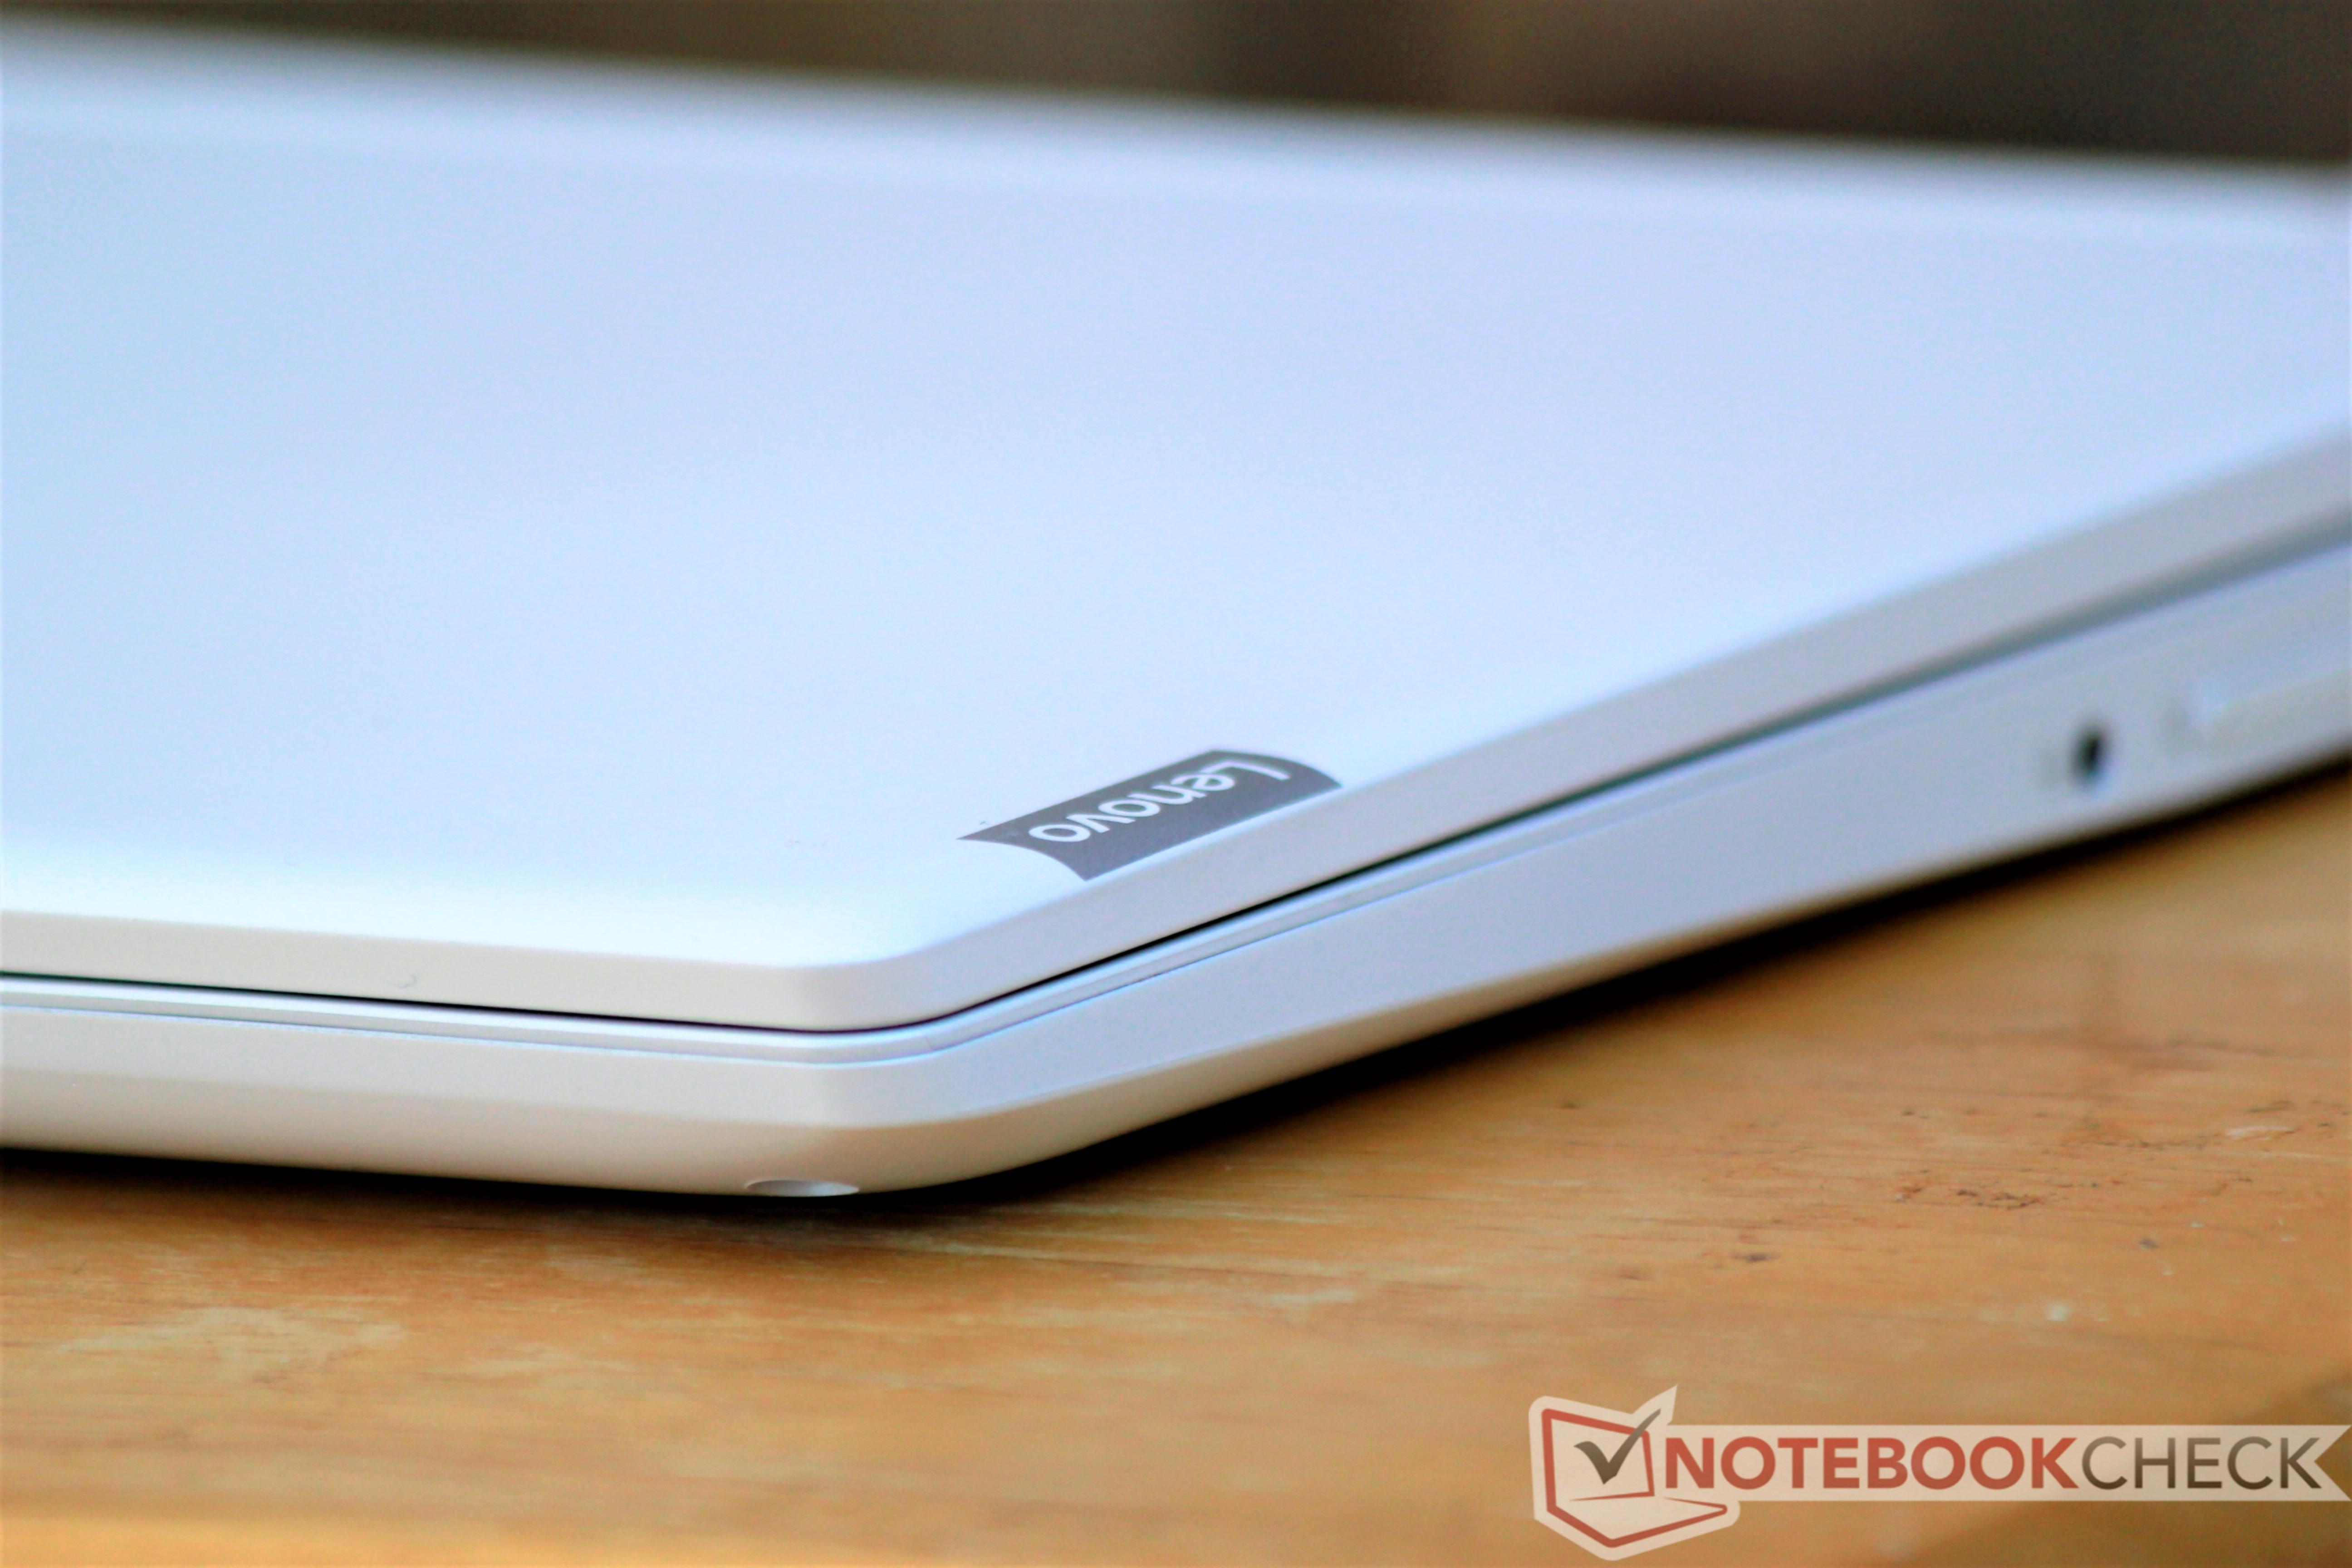 Para Lenovo Chromebook C330 de 11,6 pulgadas Lenovo Flex 11 Chromebook teclado port/átil cubierta de piel para Lenovo Chromebook N42 N42-20-transparente